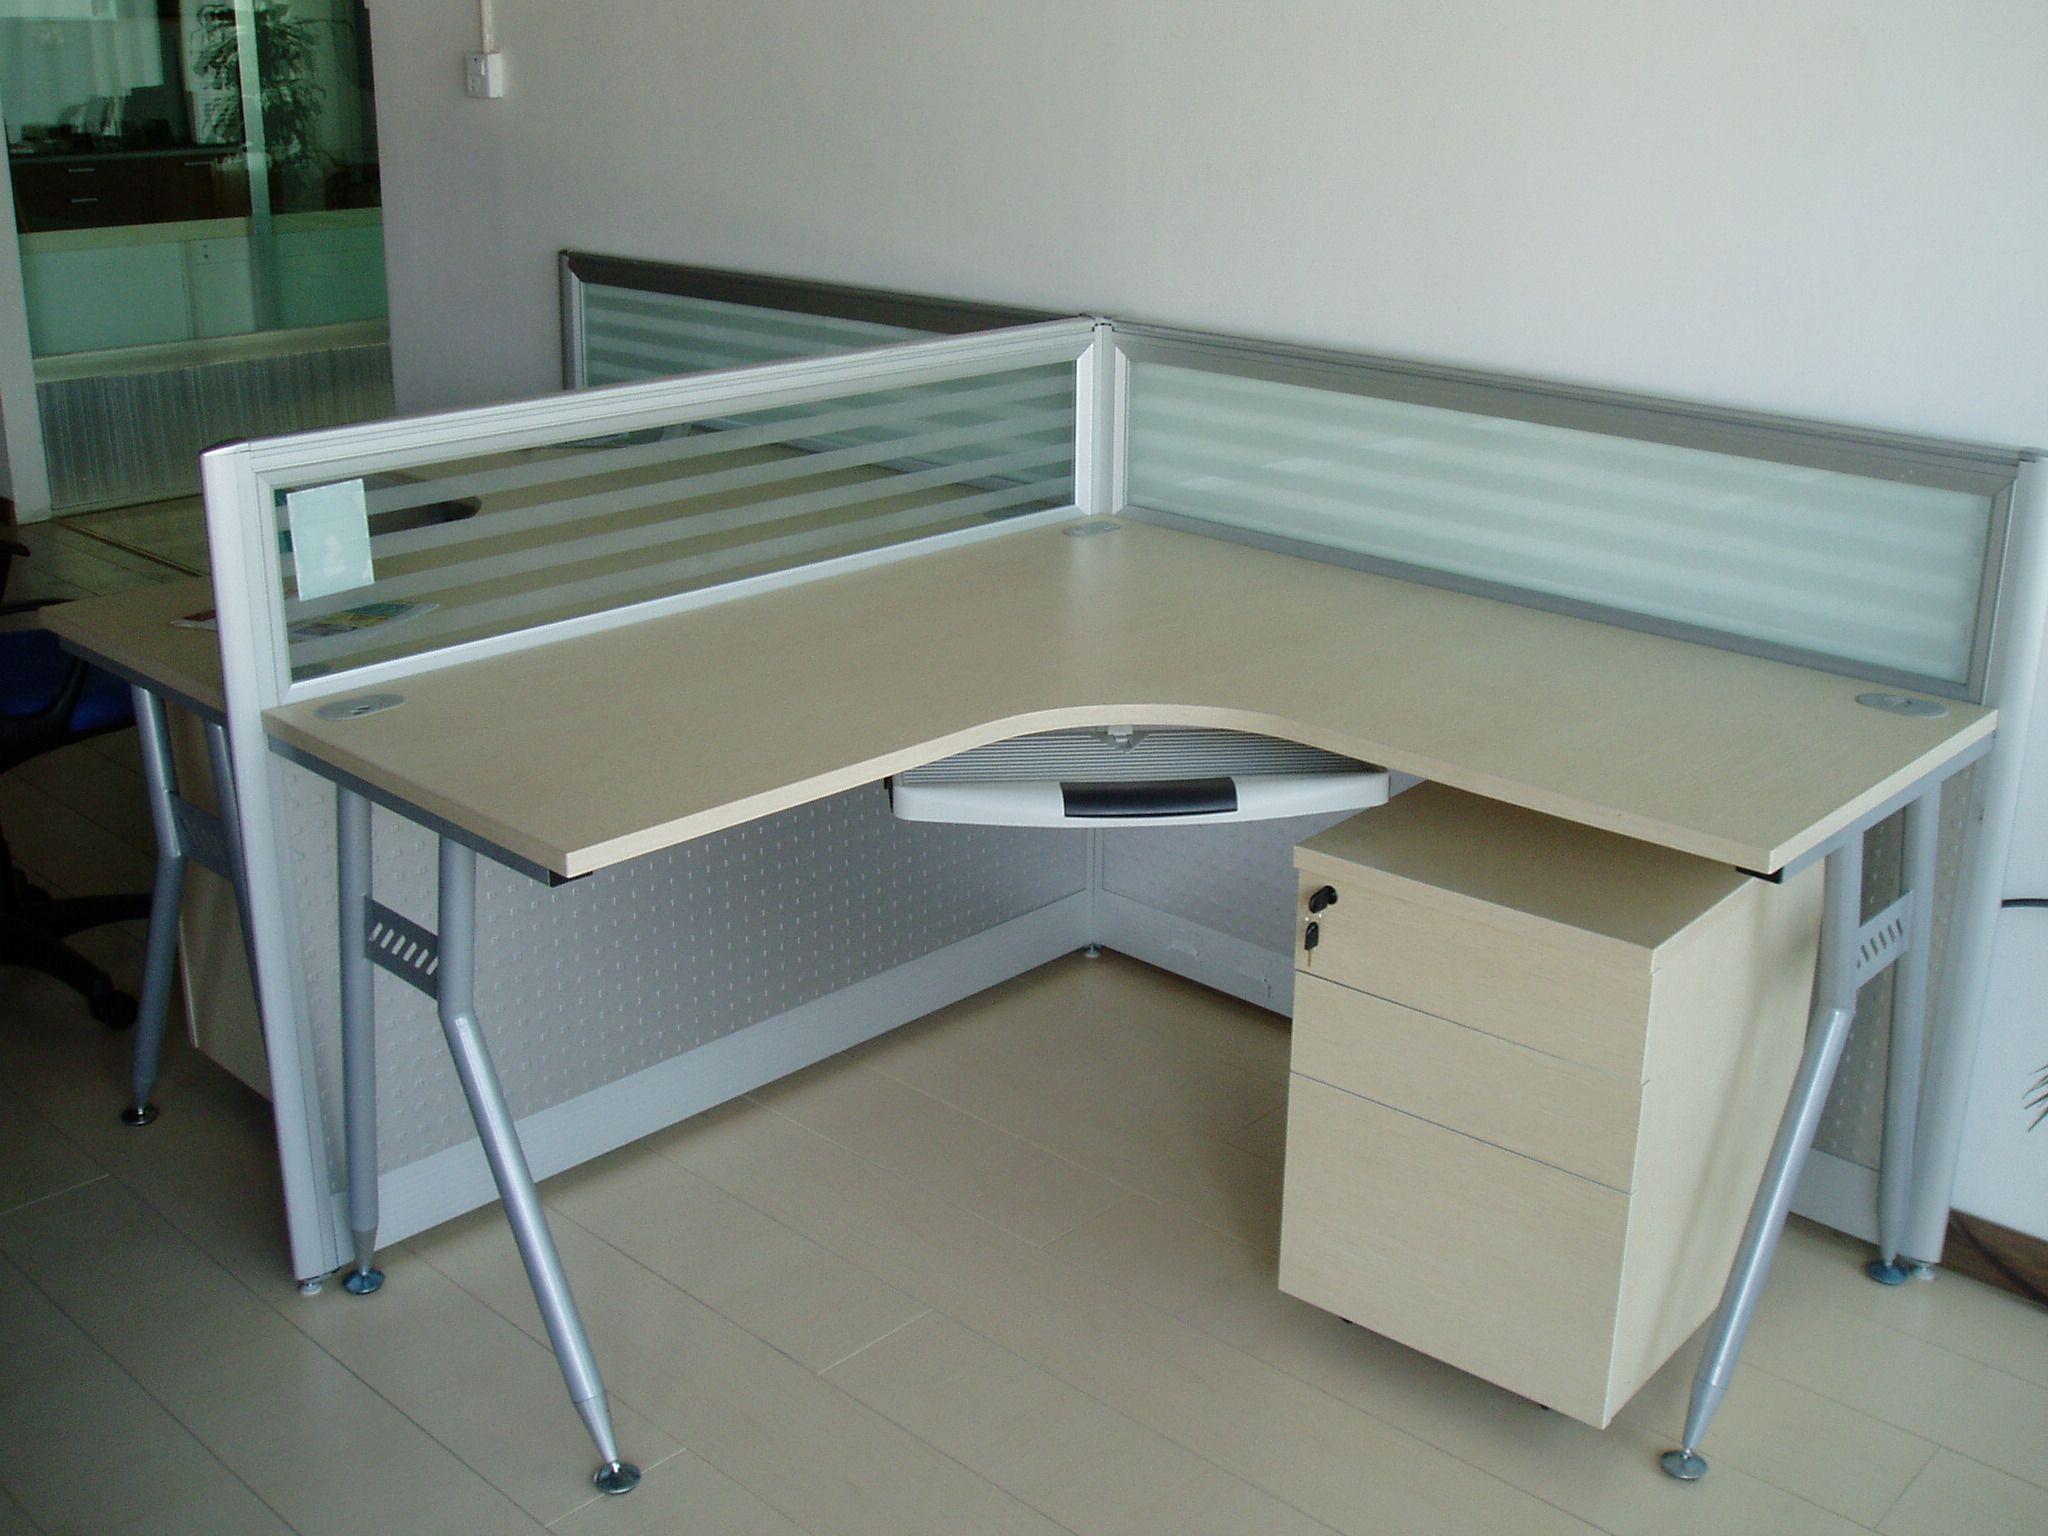 屏风办公桌安装技巧 屏风办公桌安装要点